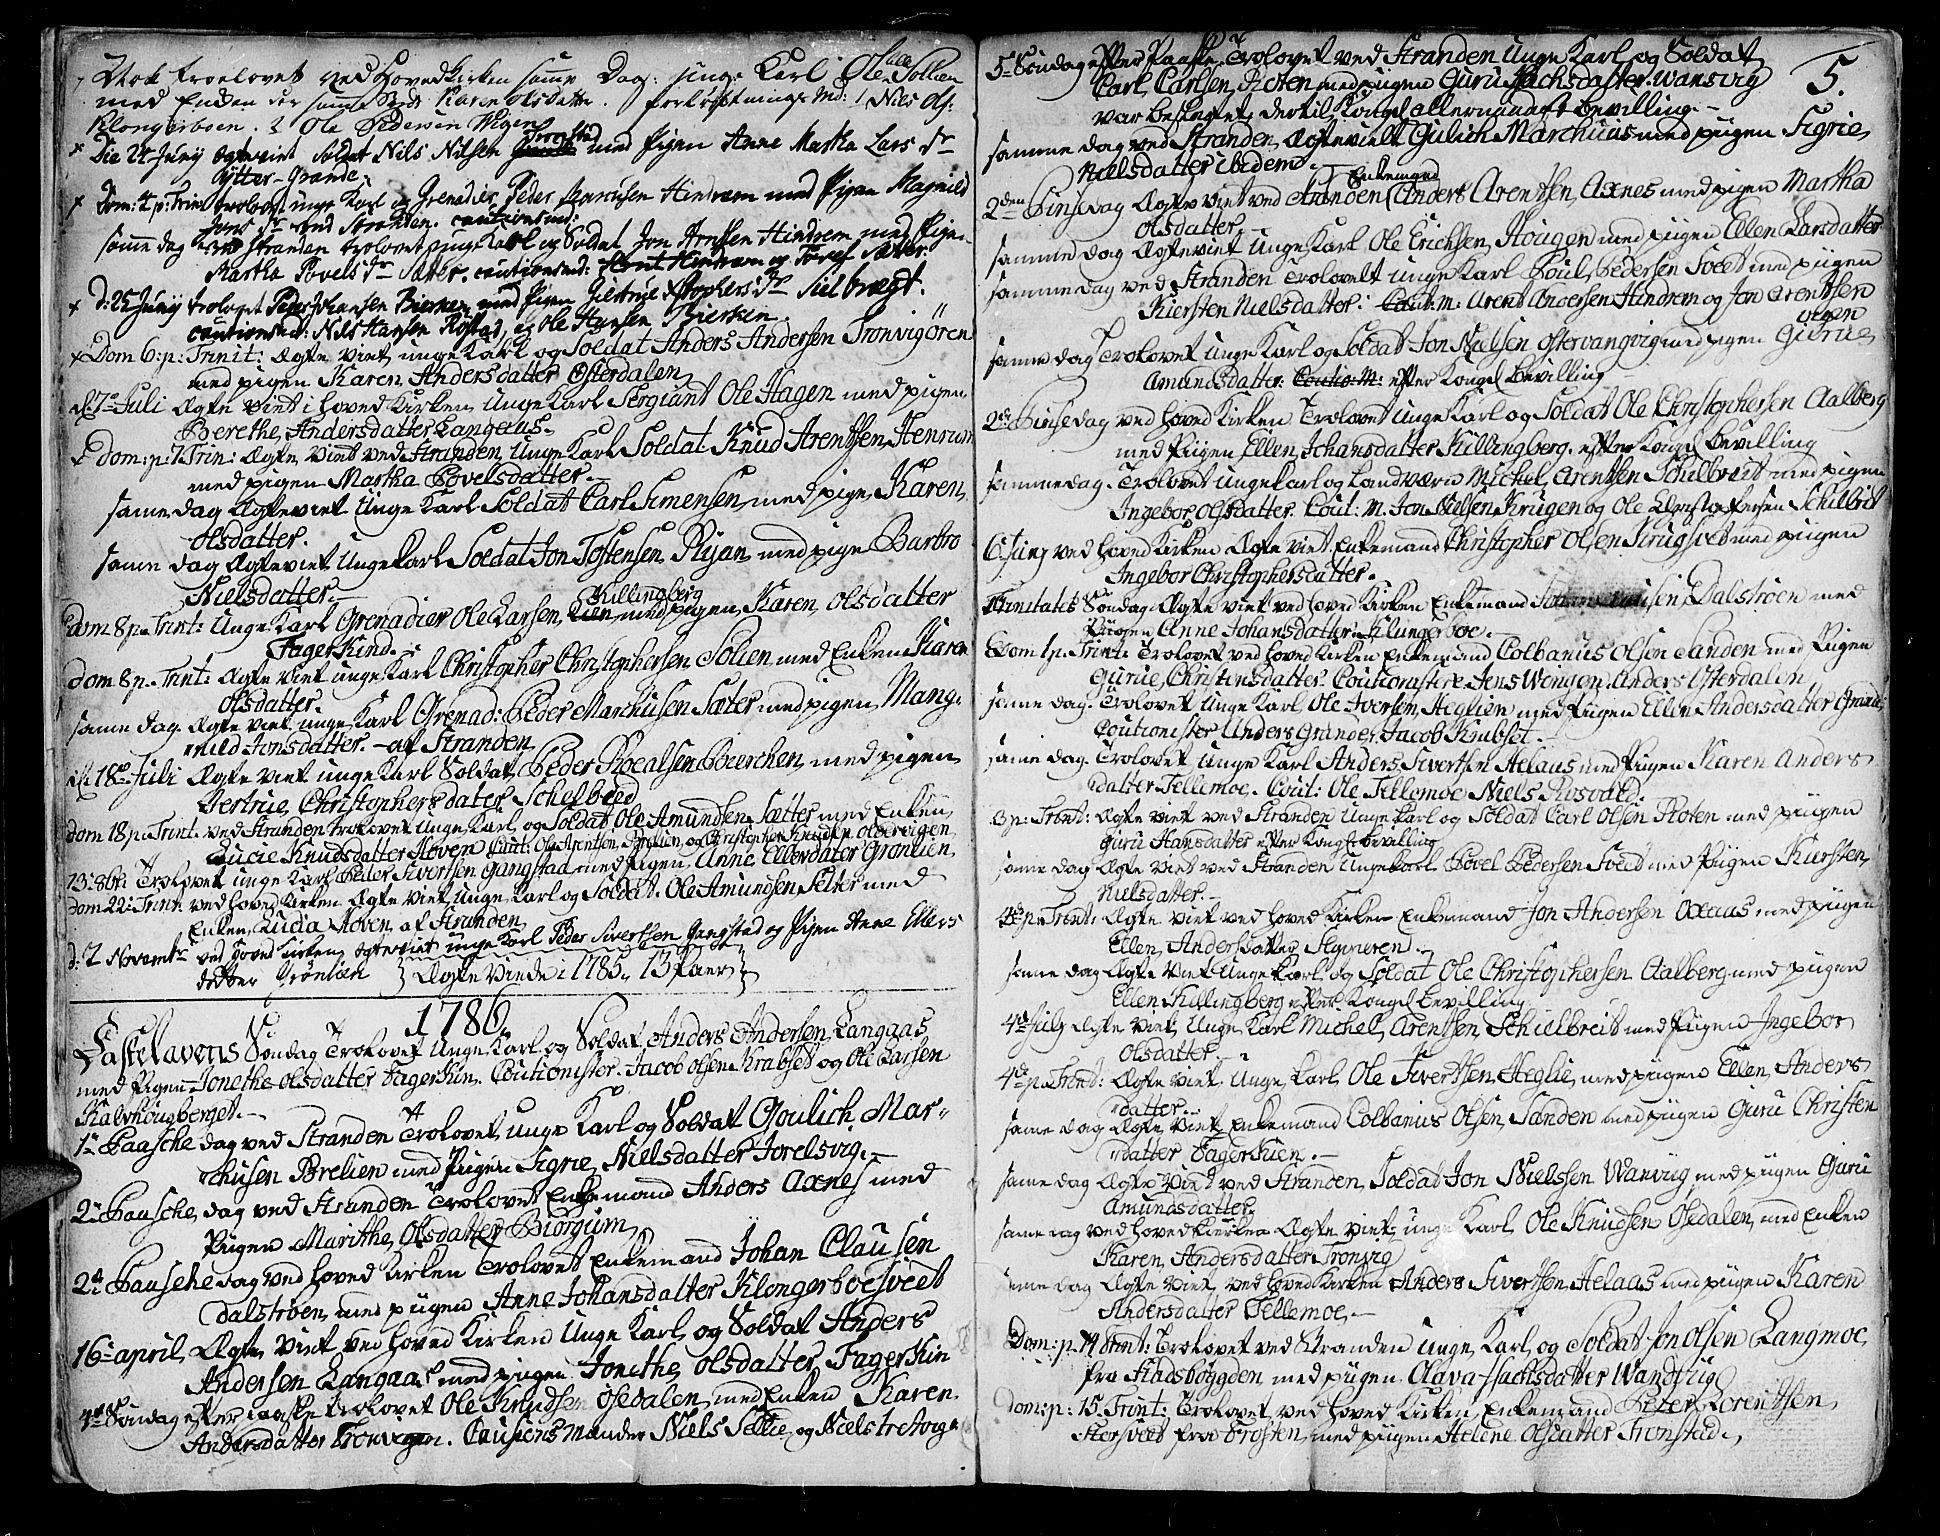 SAT, Ministerialprotokoller, klokkerbøker og fødselsregistre - Nord-Trøndelag, 701/L0004: Ministerialbok nr. 701A04, 1783-1816, s. 5